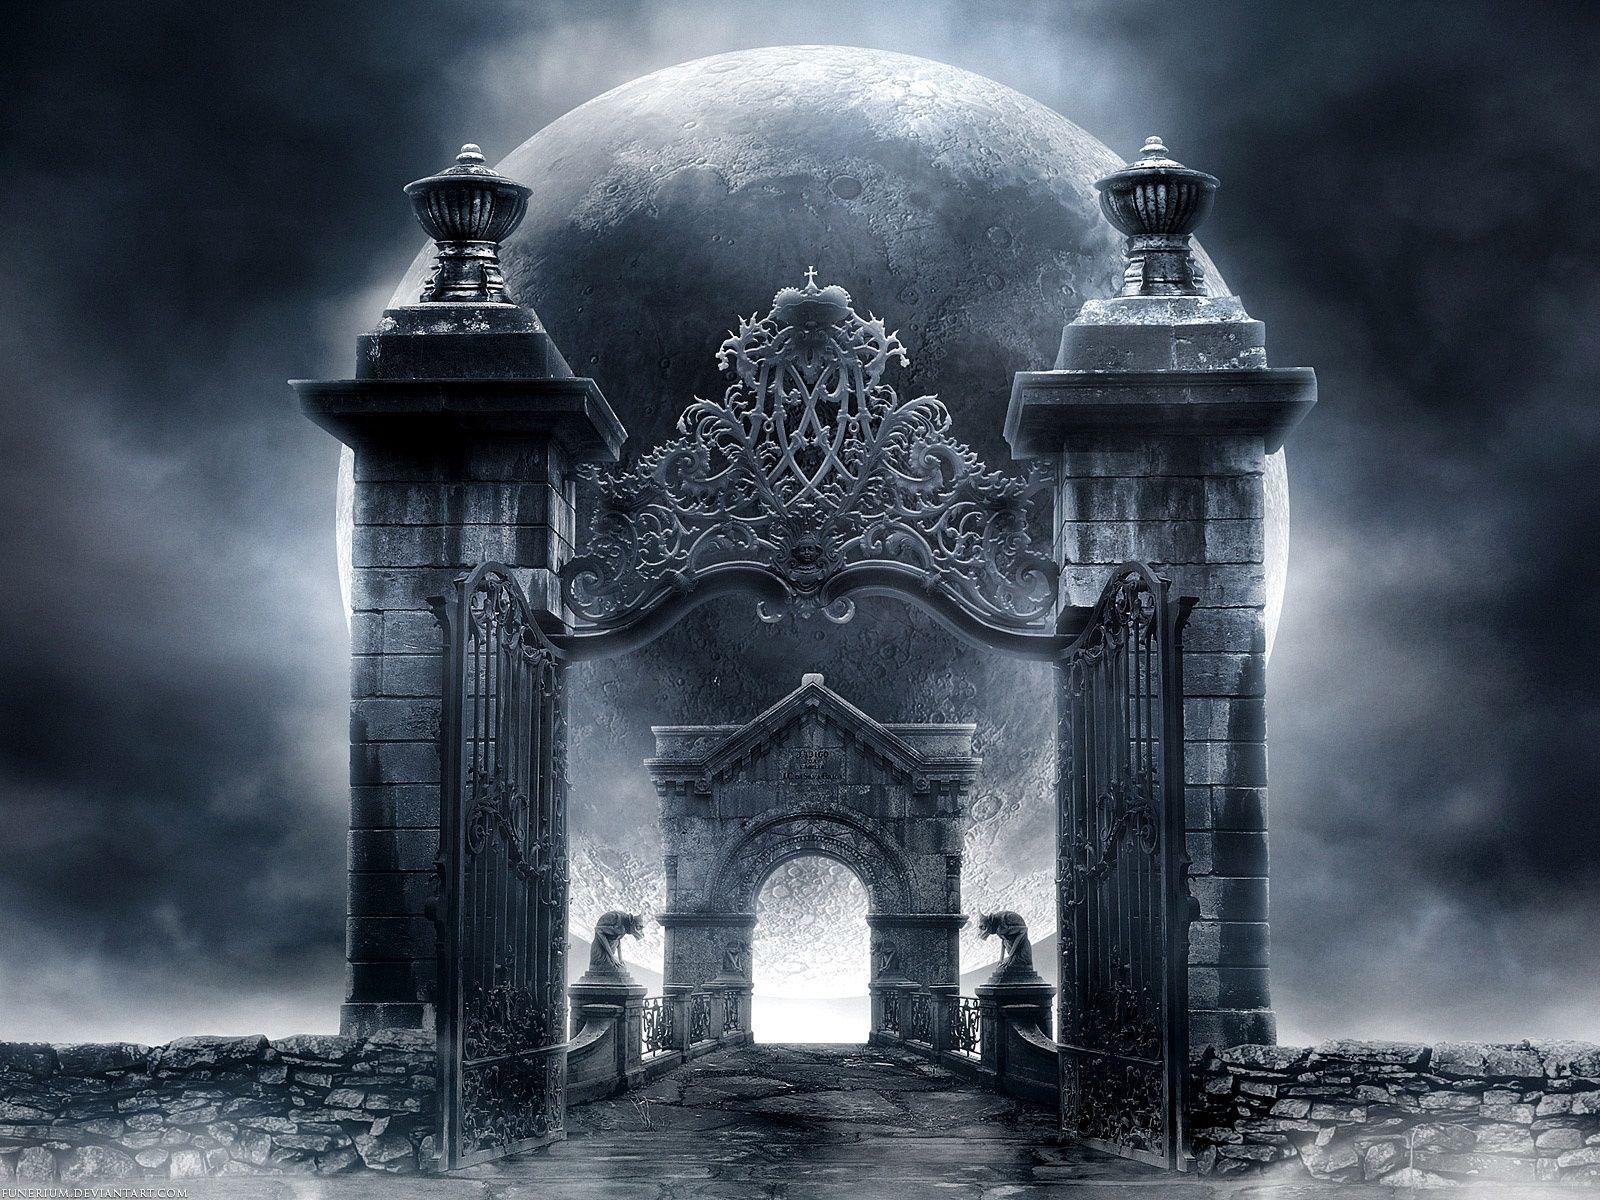 gothic architecture dark horror fantasy art gothic architecture 1600x1200